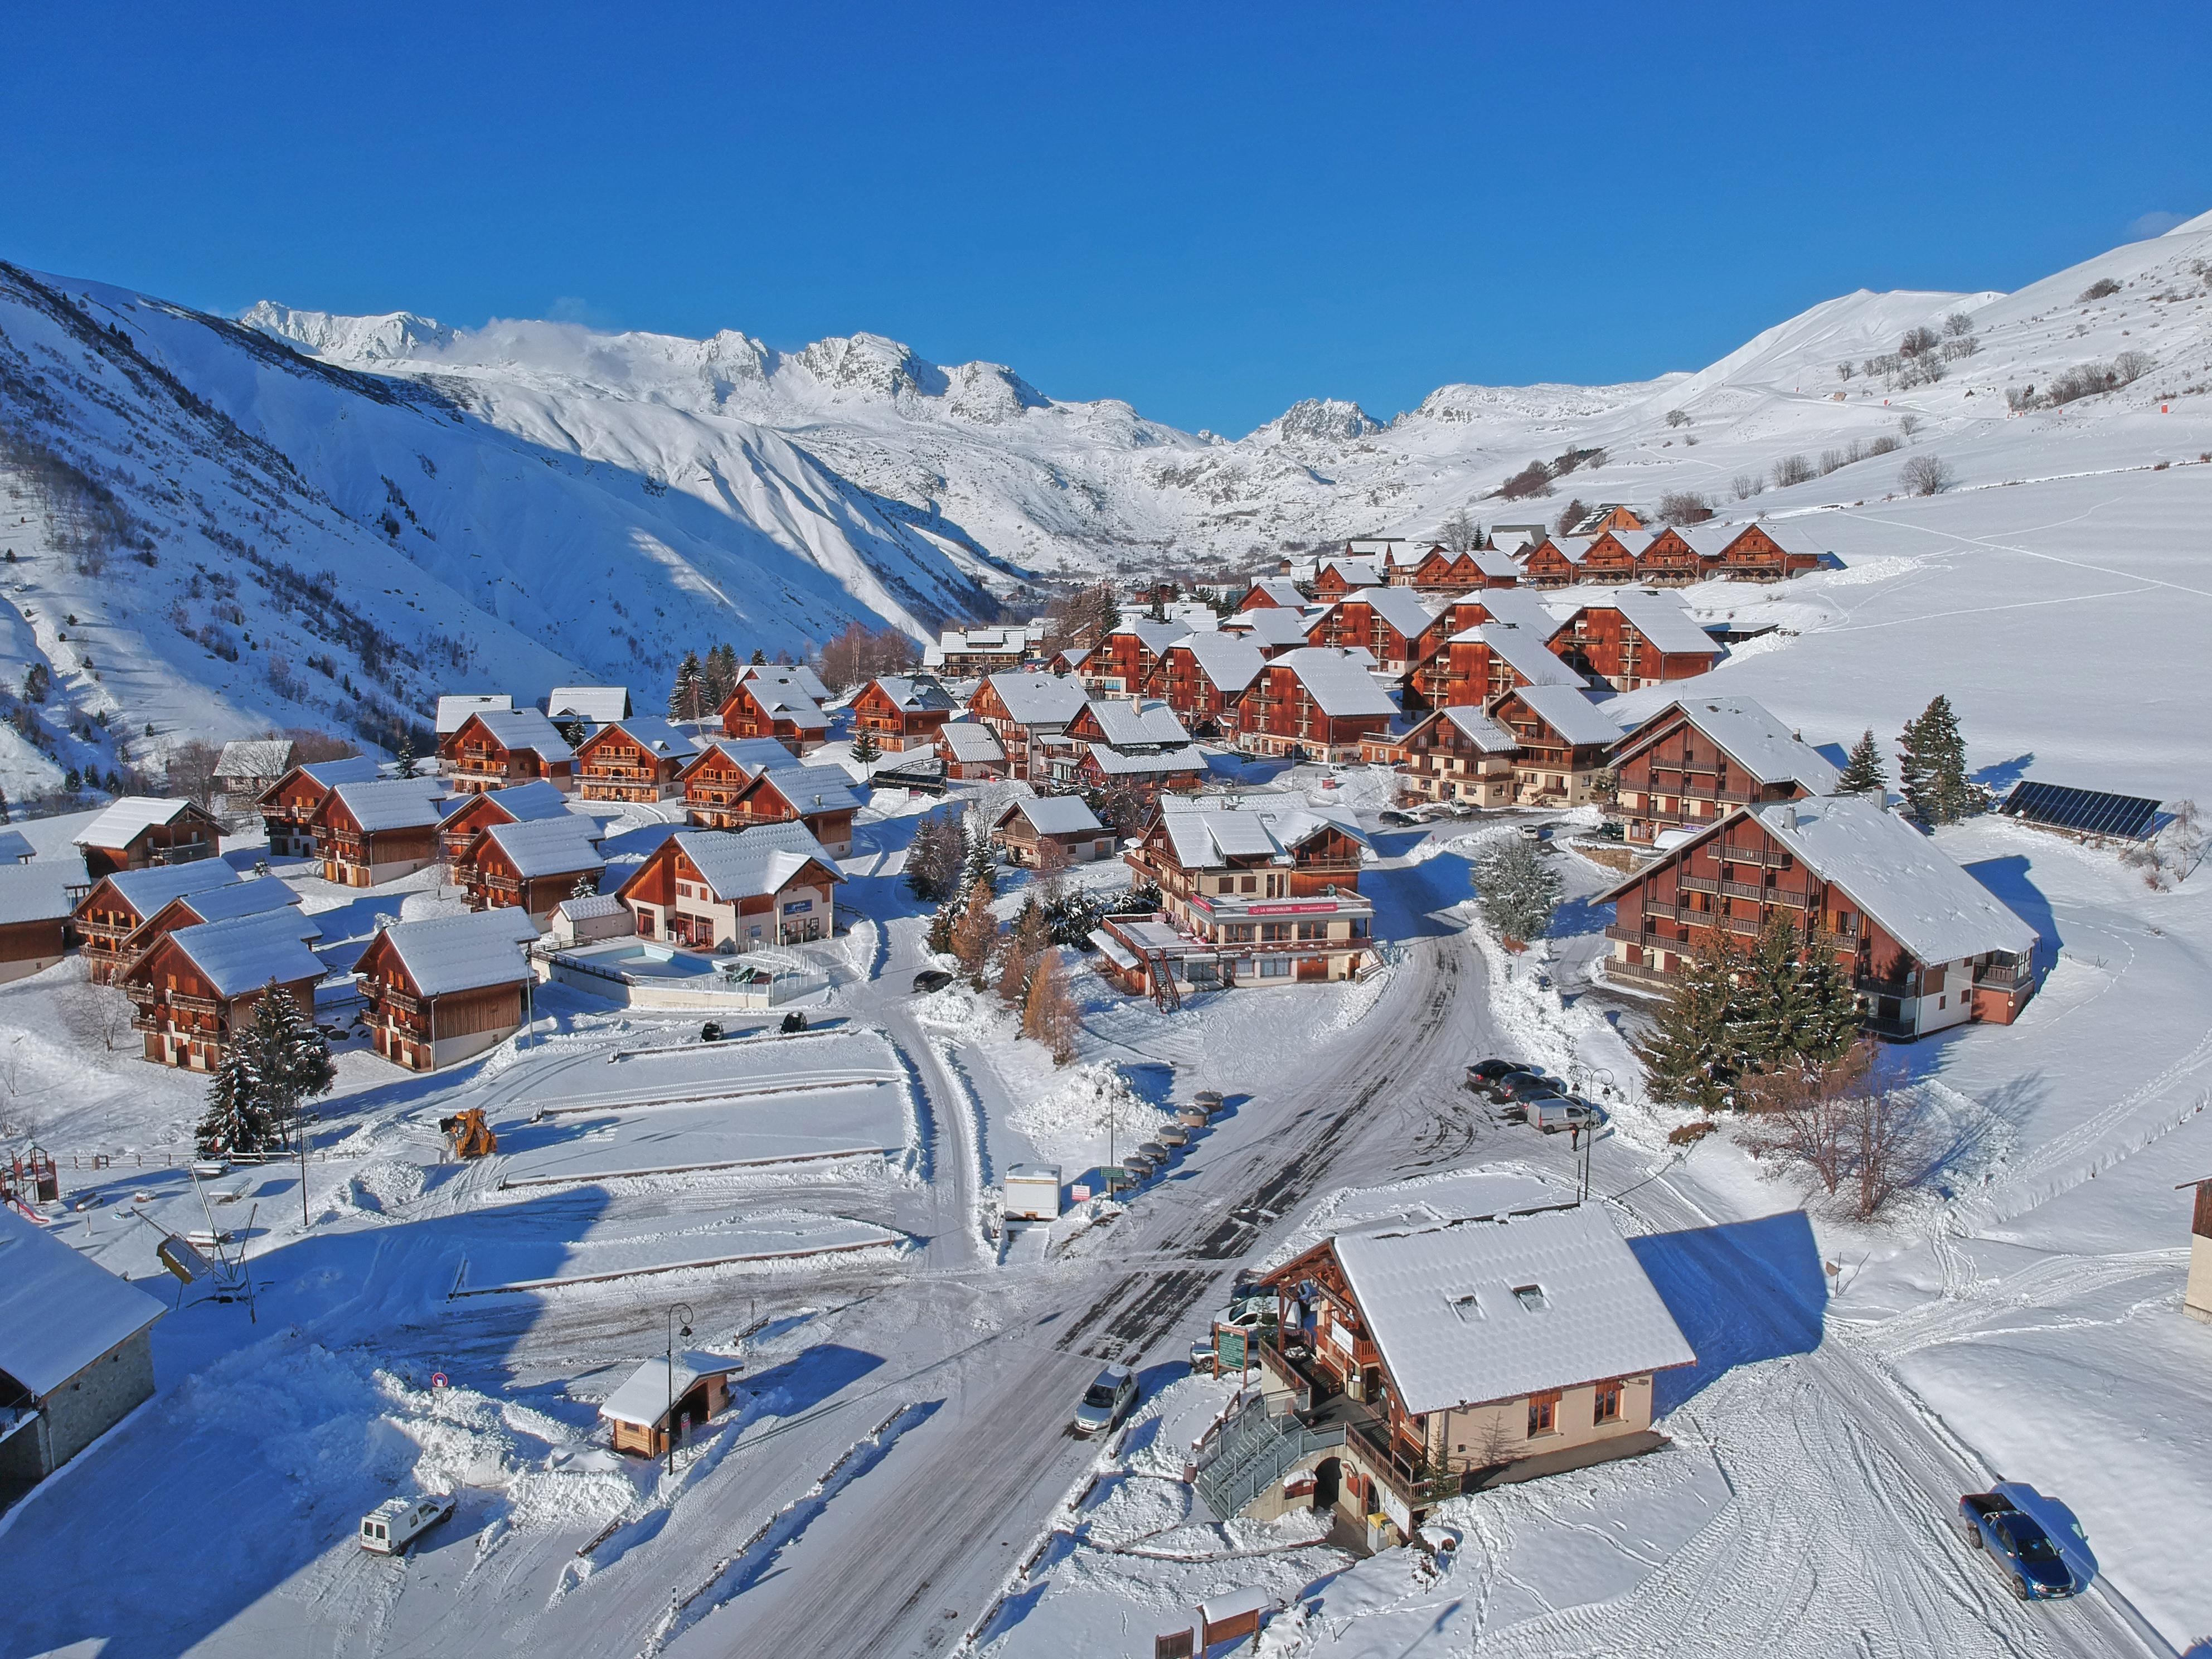 ski resort Saint Jean d'Arves